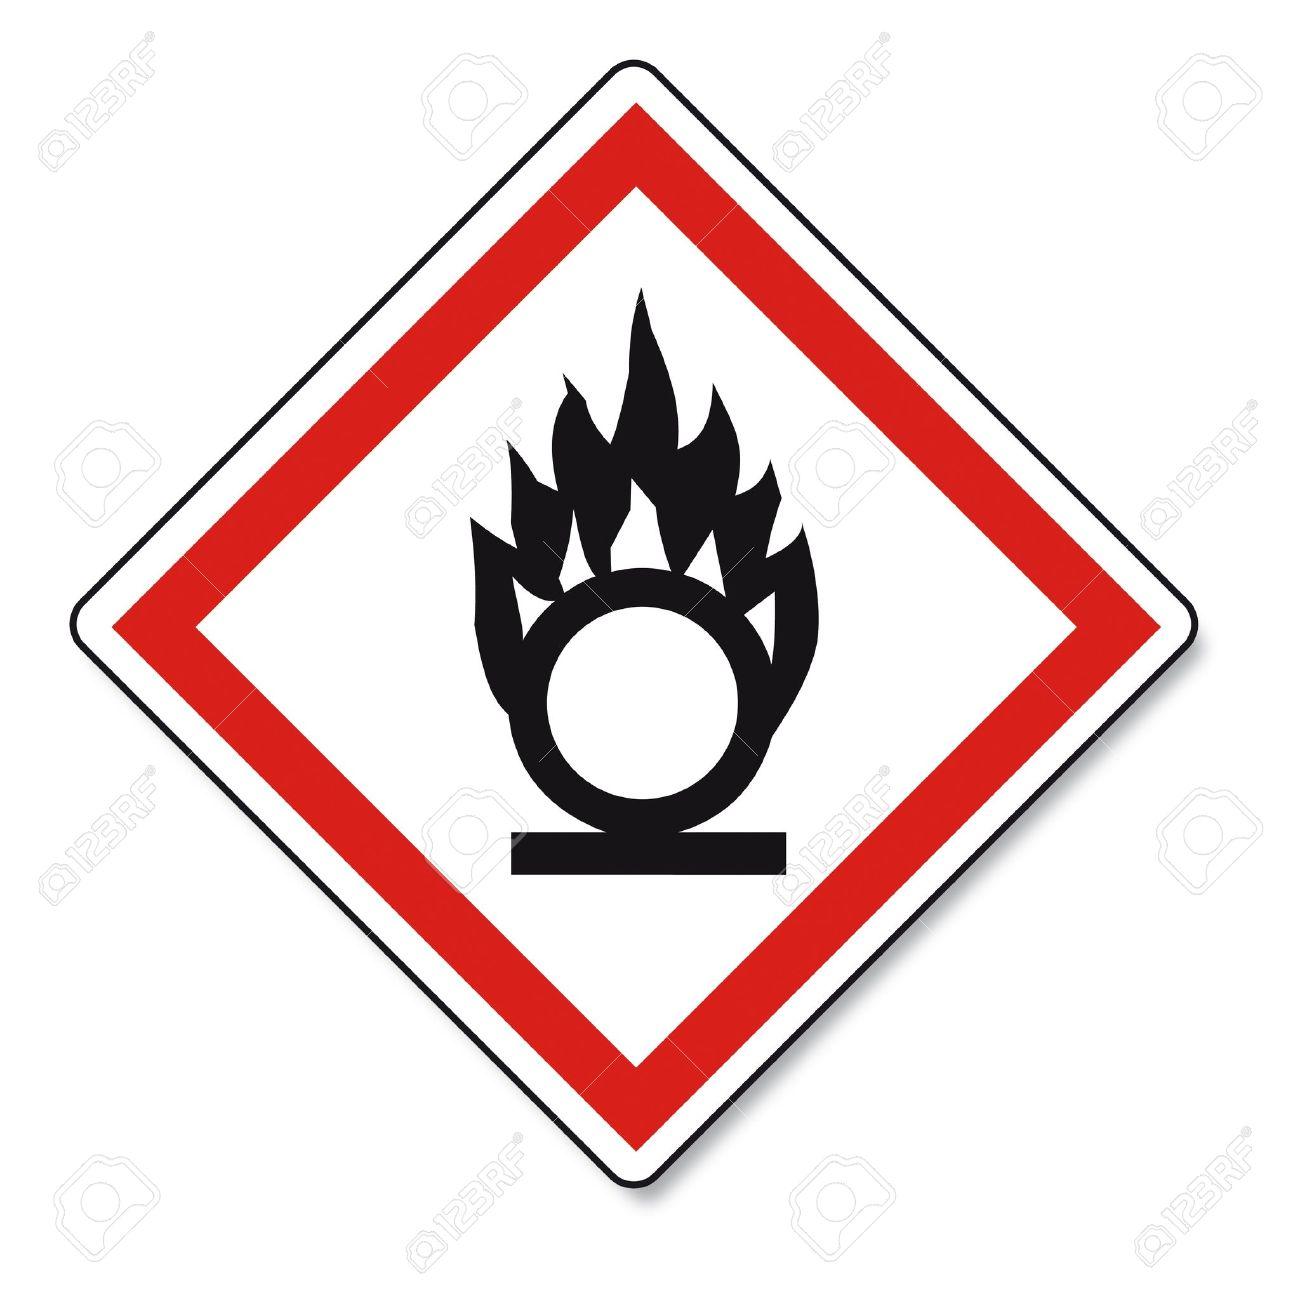 GHS Warning Danger Sign Vektor Royalty Free Cliparts, Vectors, And.